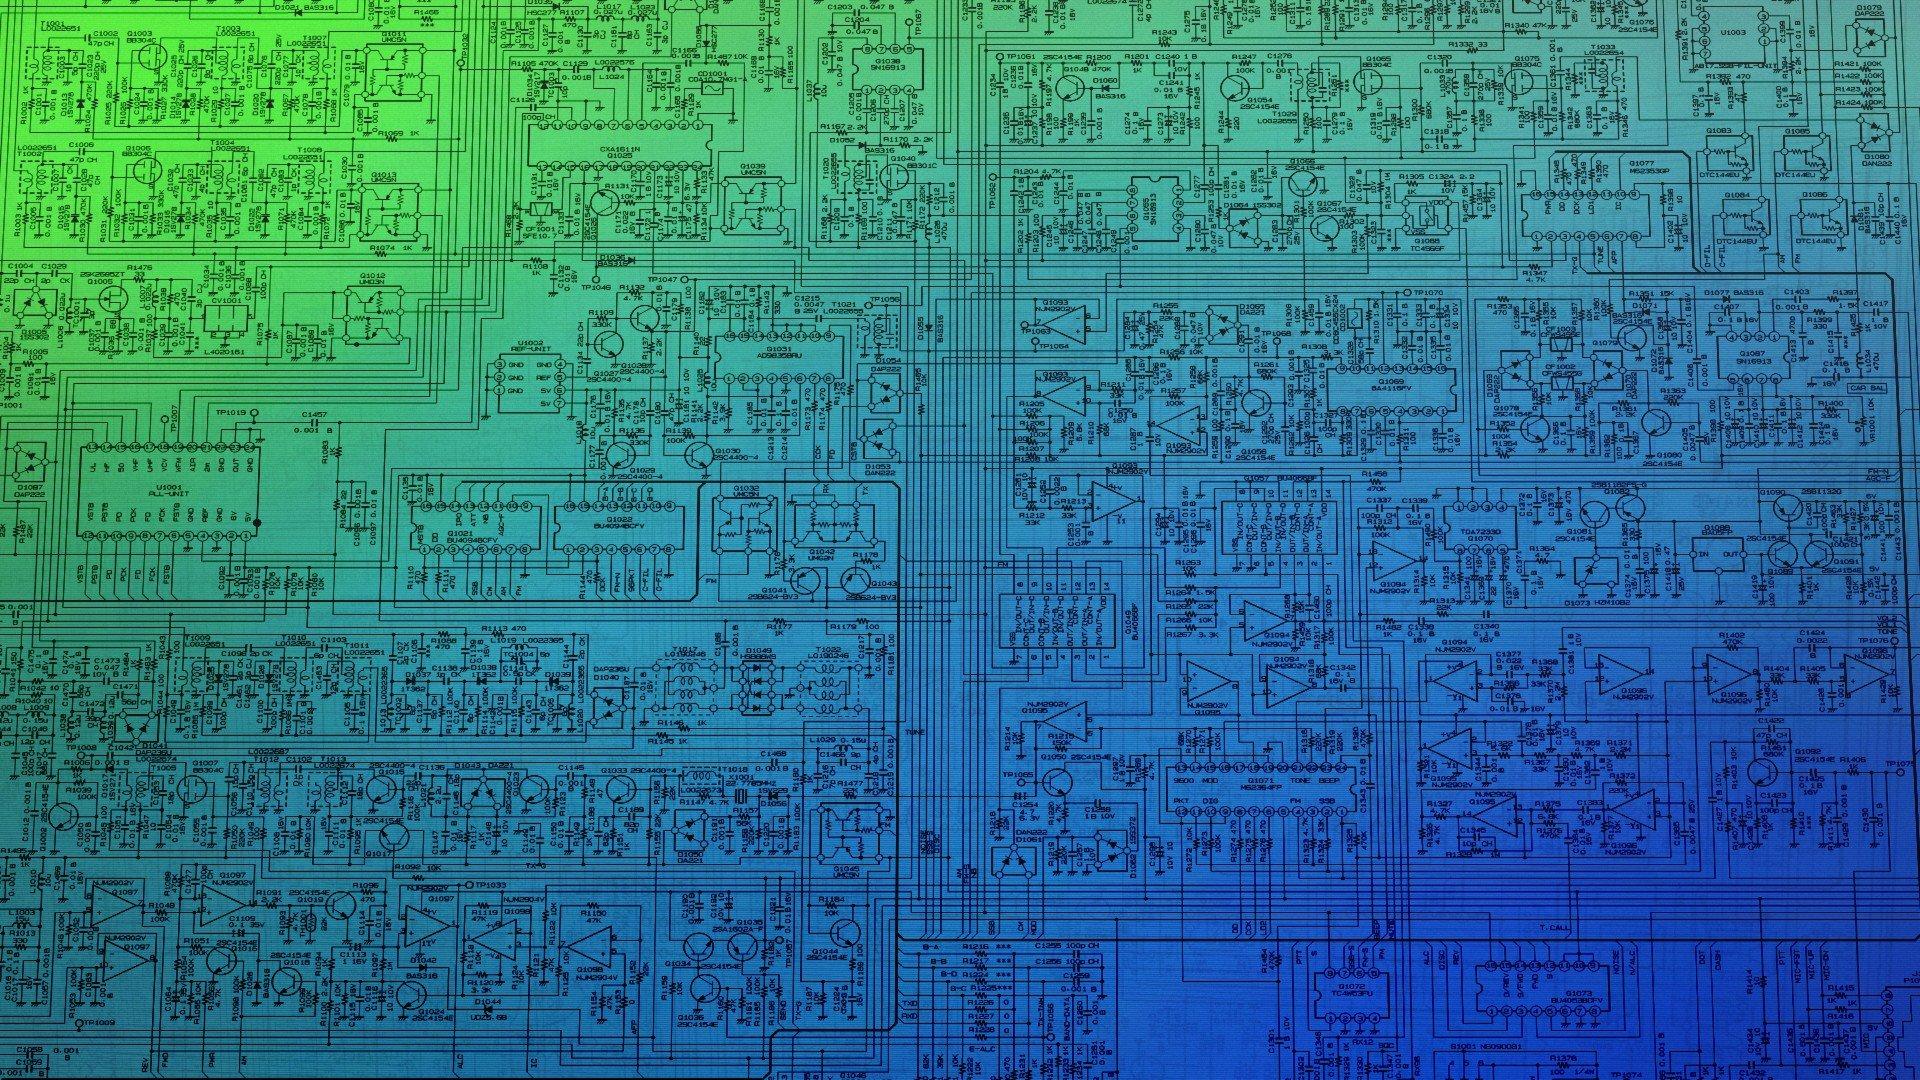 Microchip  Schematic  Cpu  Technology  Blueprints Hd